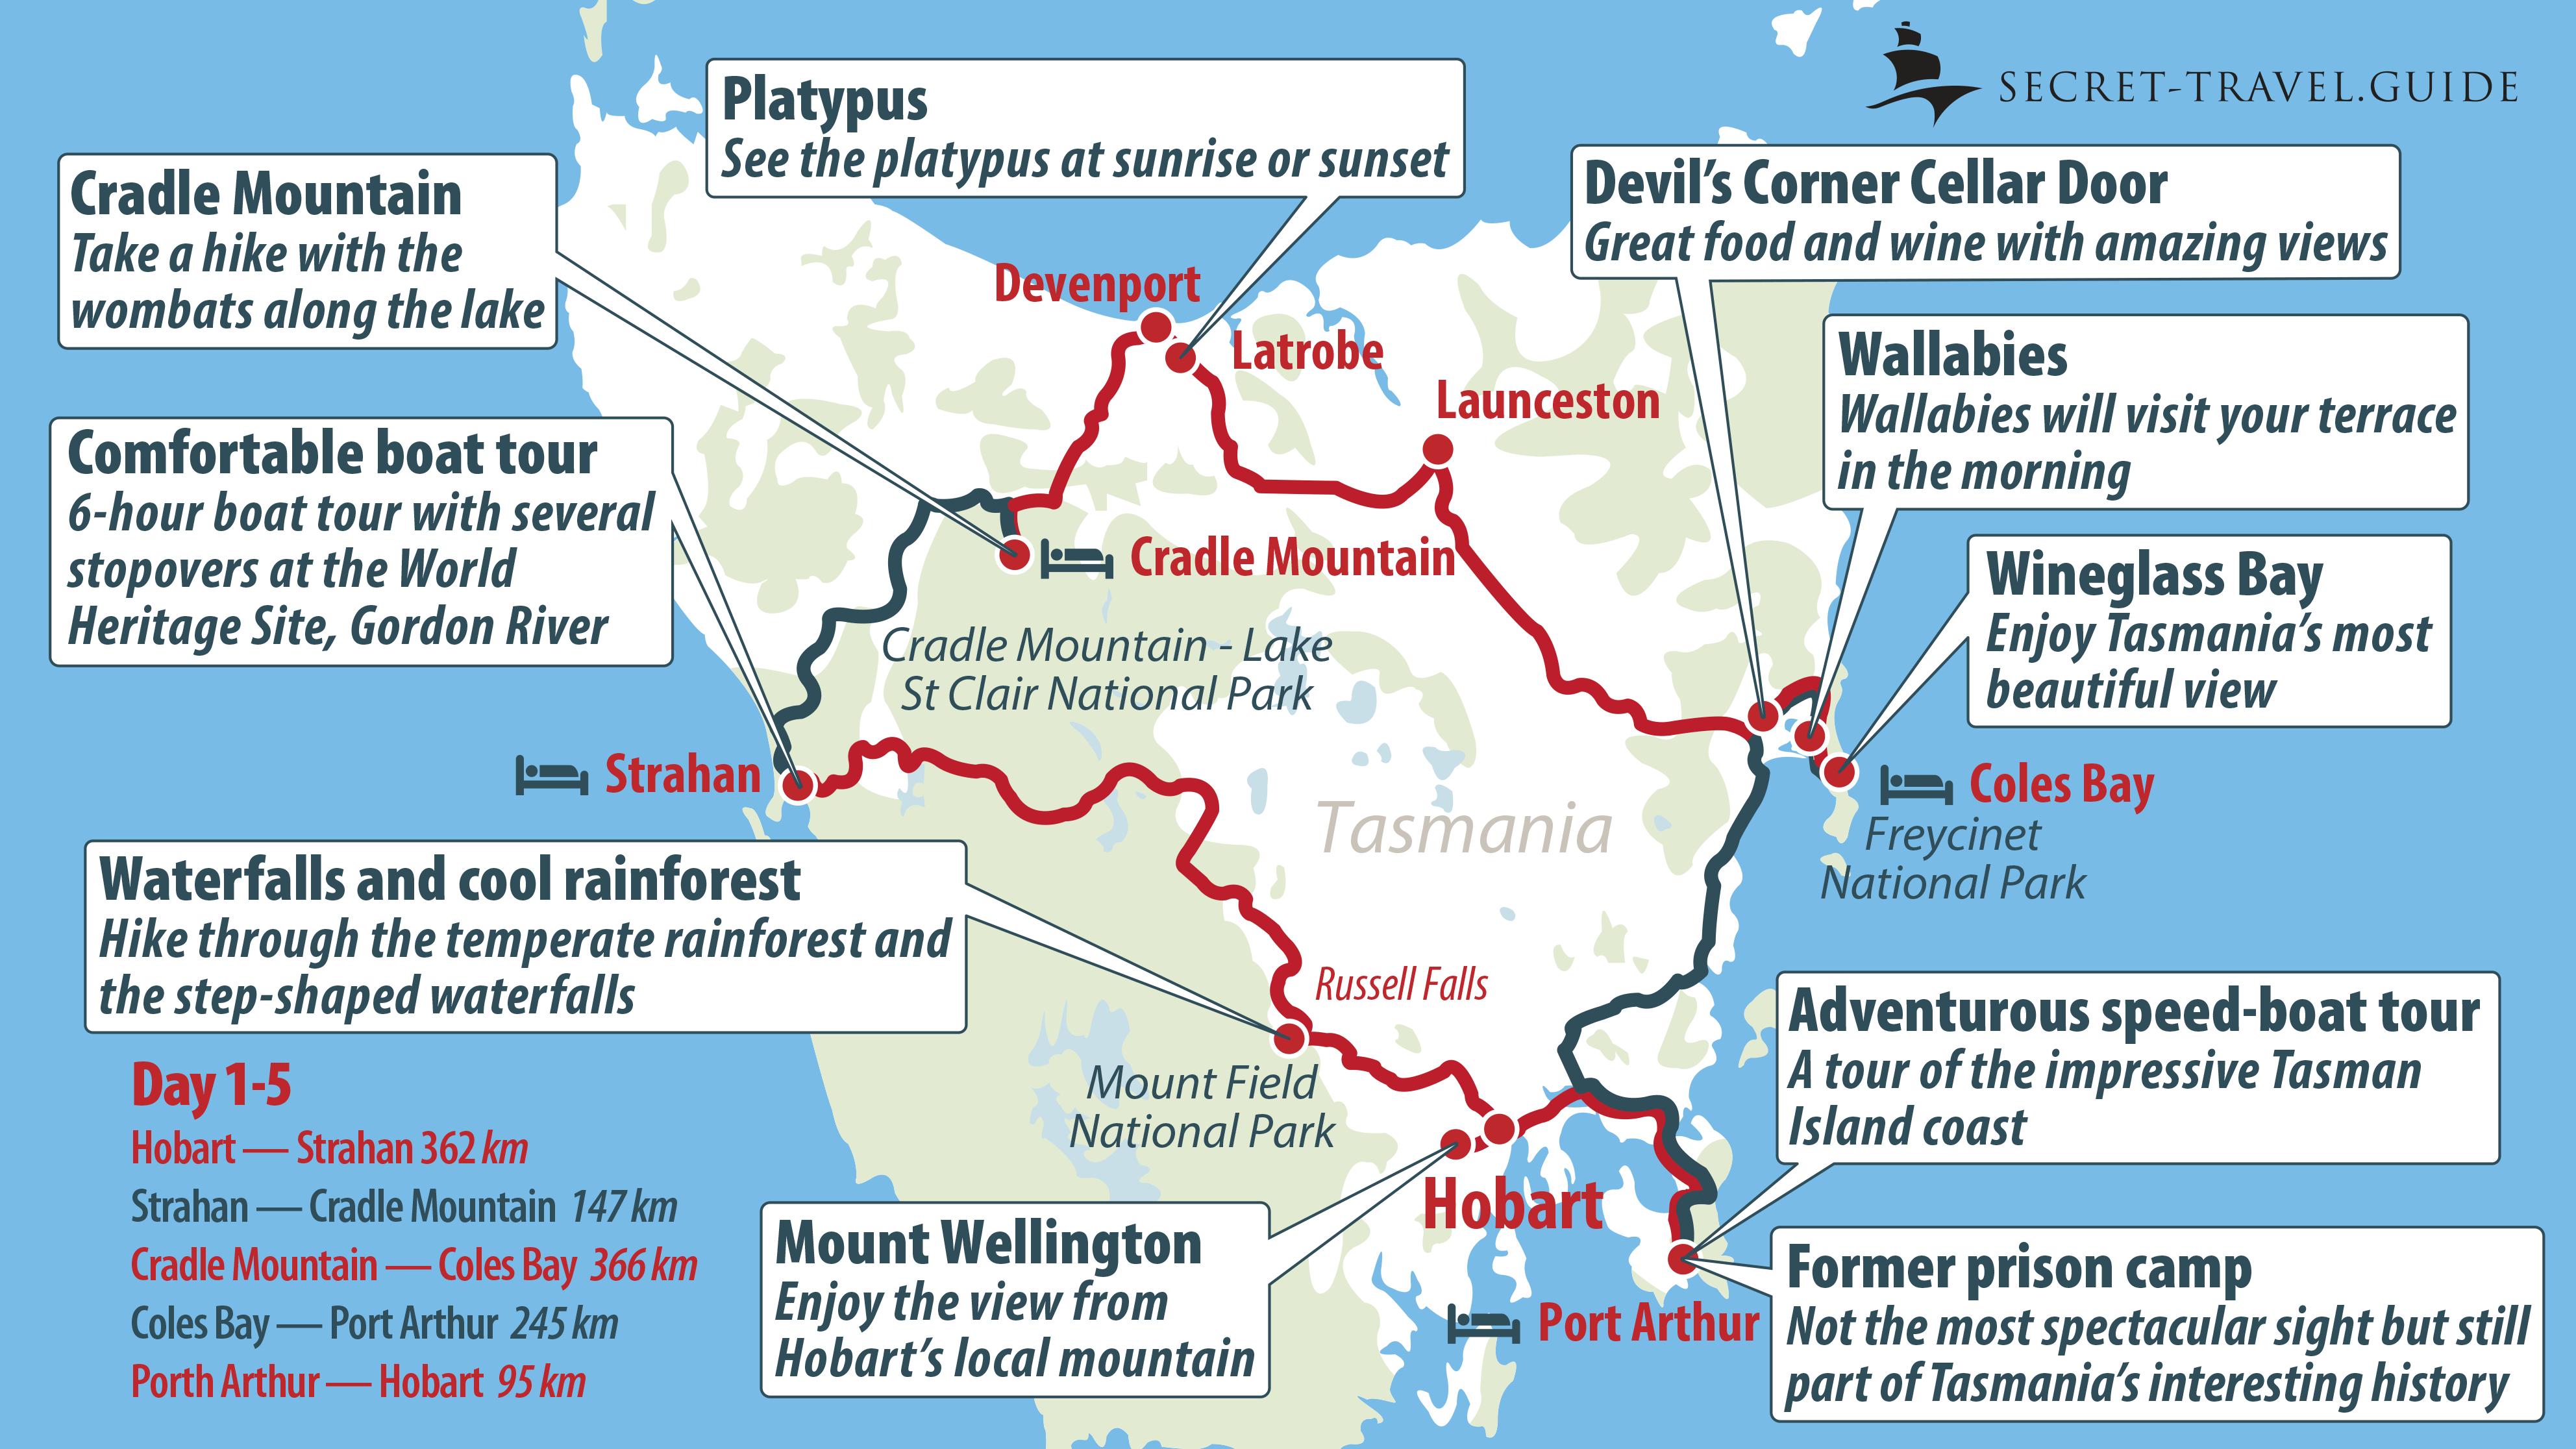 Tasman Sea: location, climate, flora and fauna